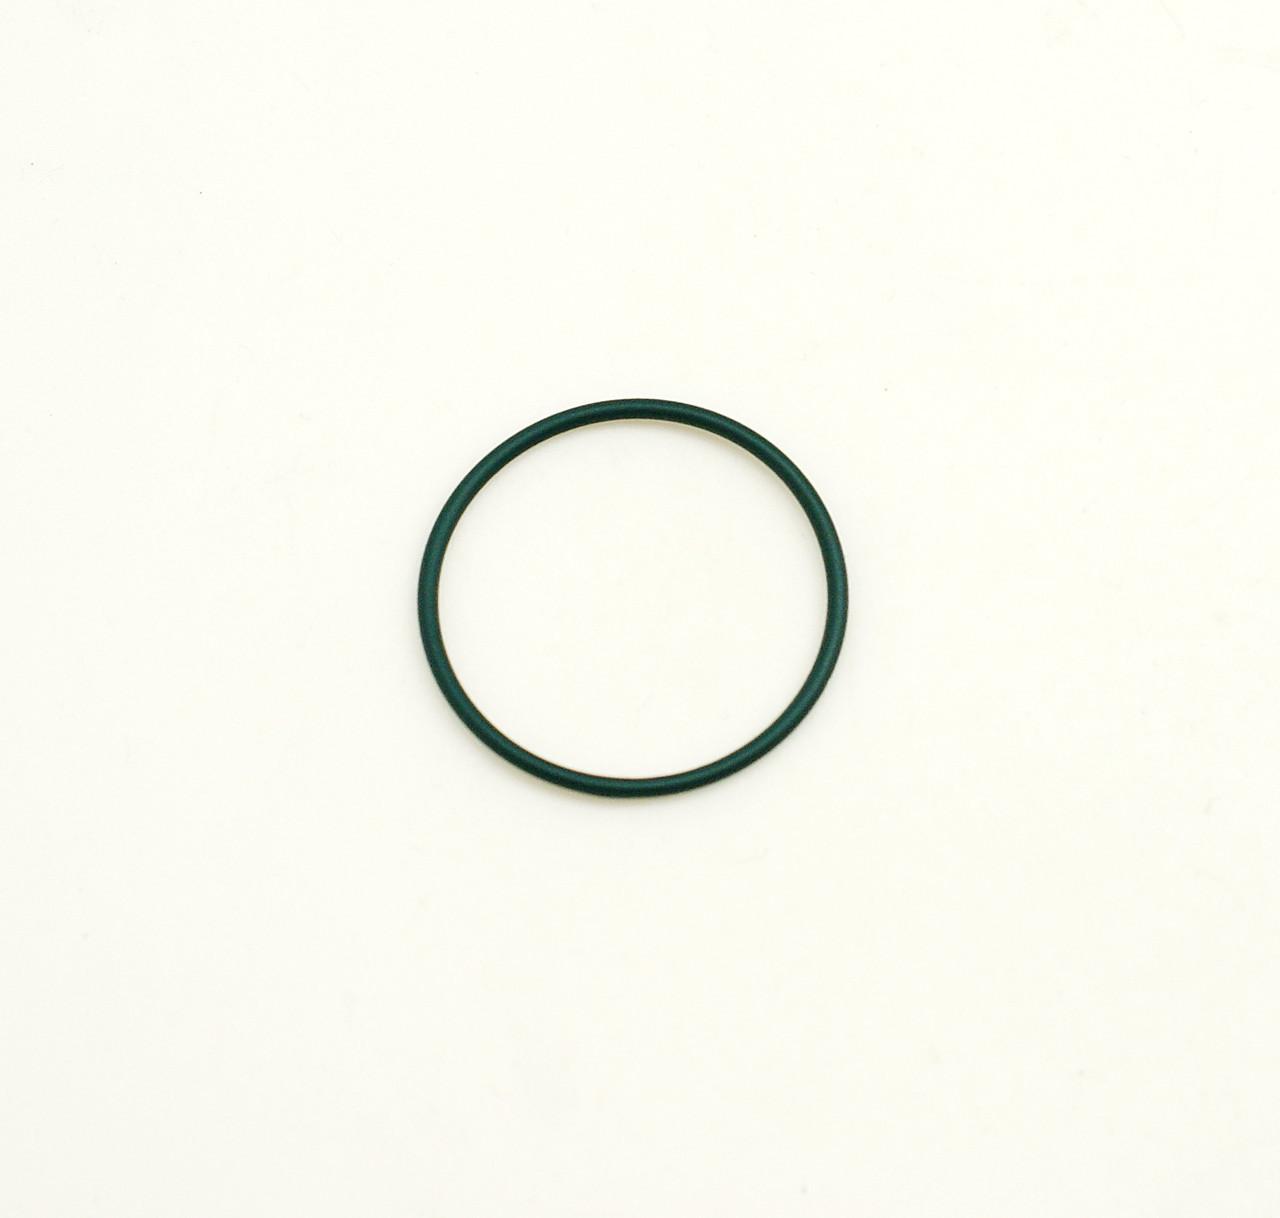 Кольцо уплотнительное форсунки Cummins X Series 3347937 205216